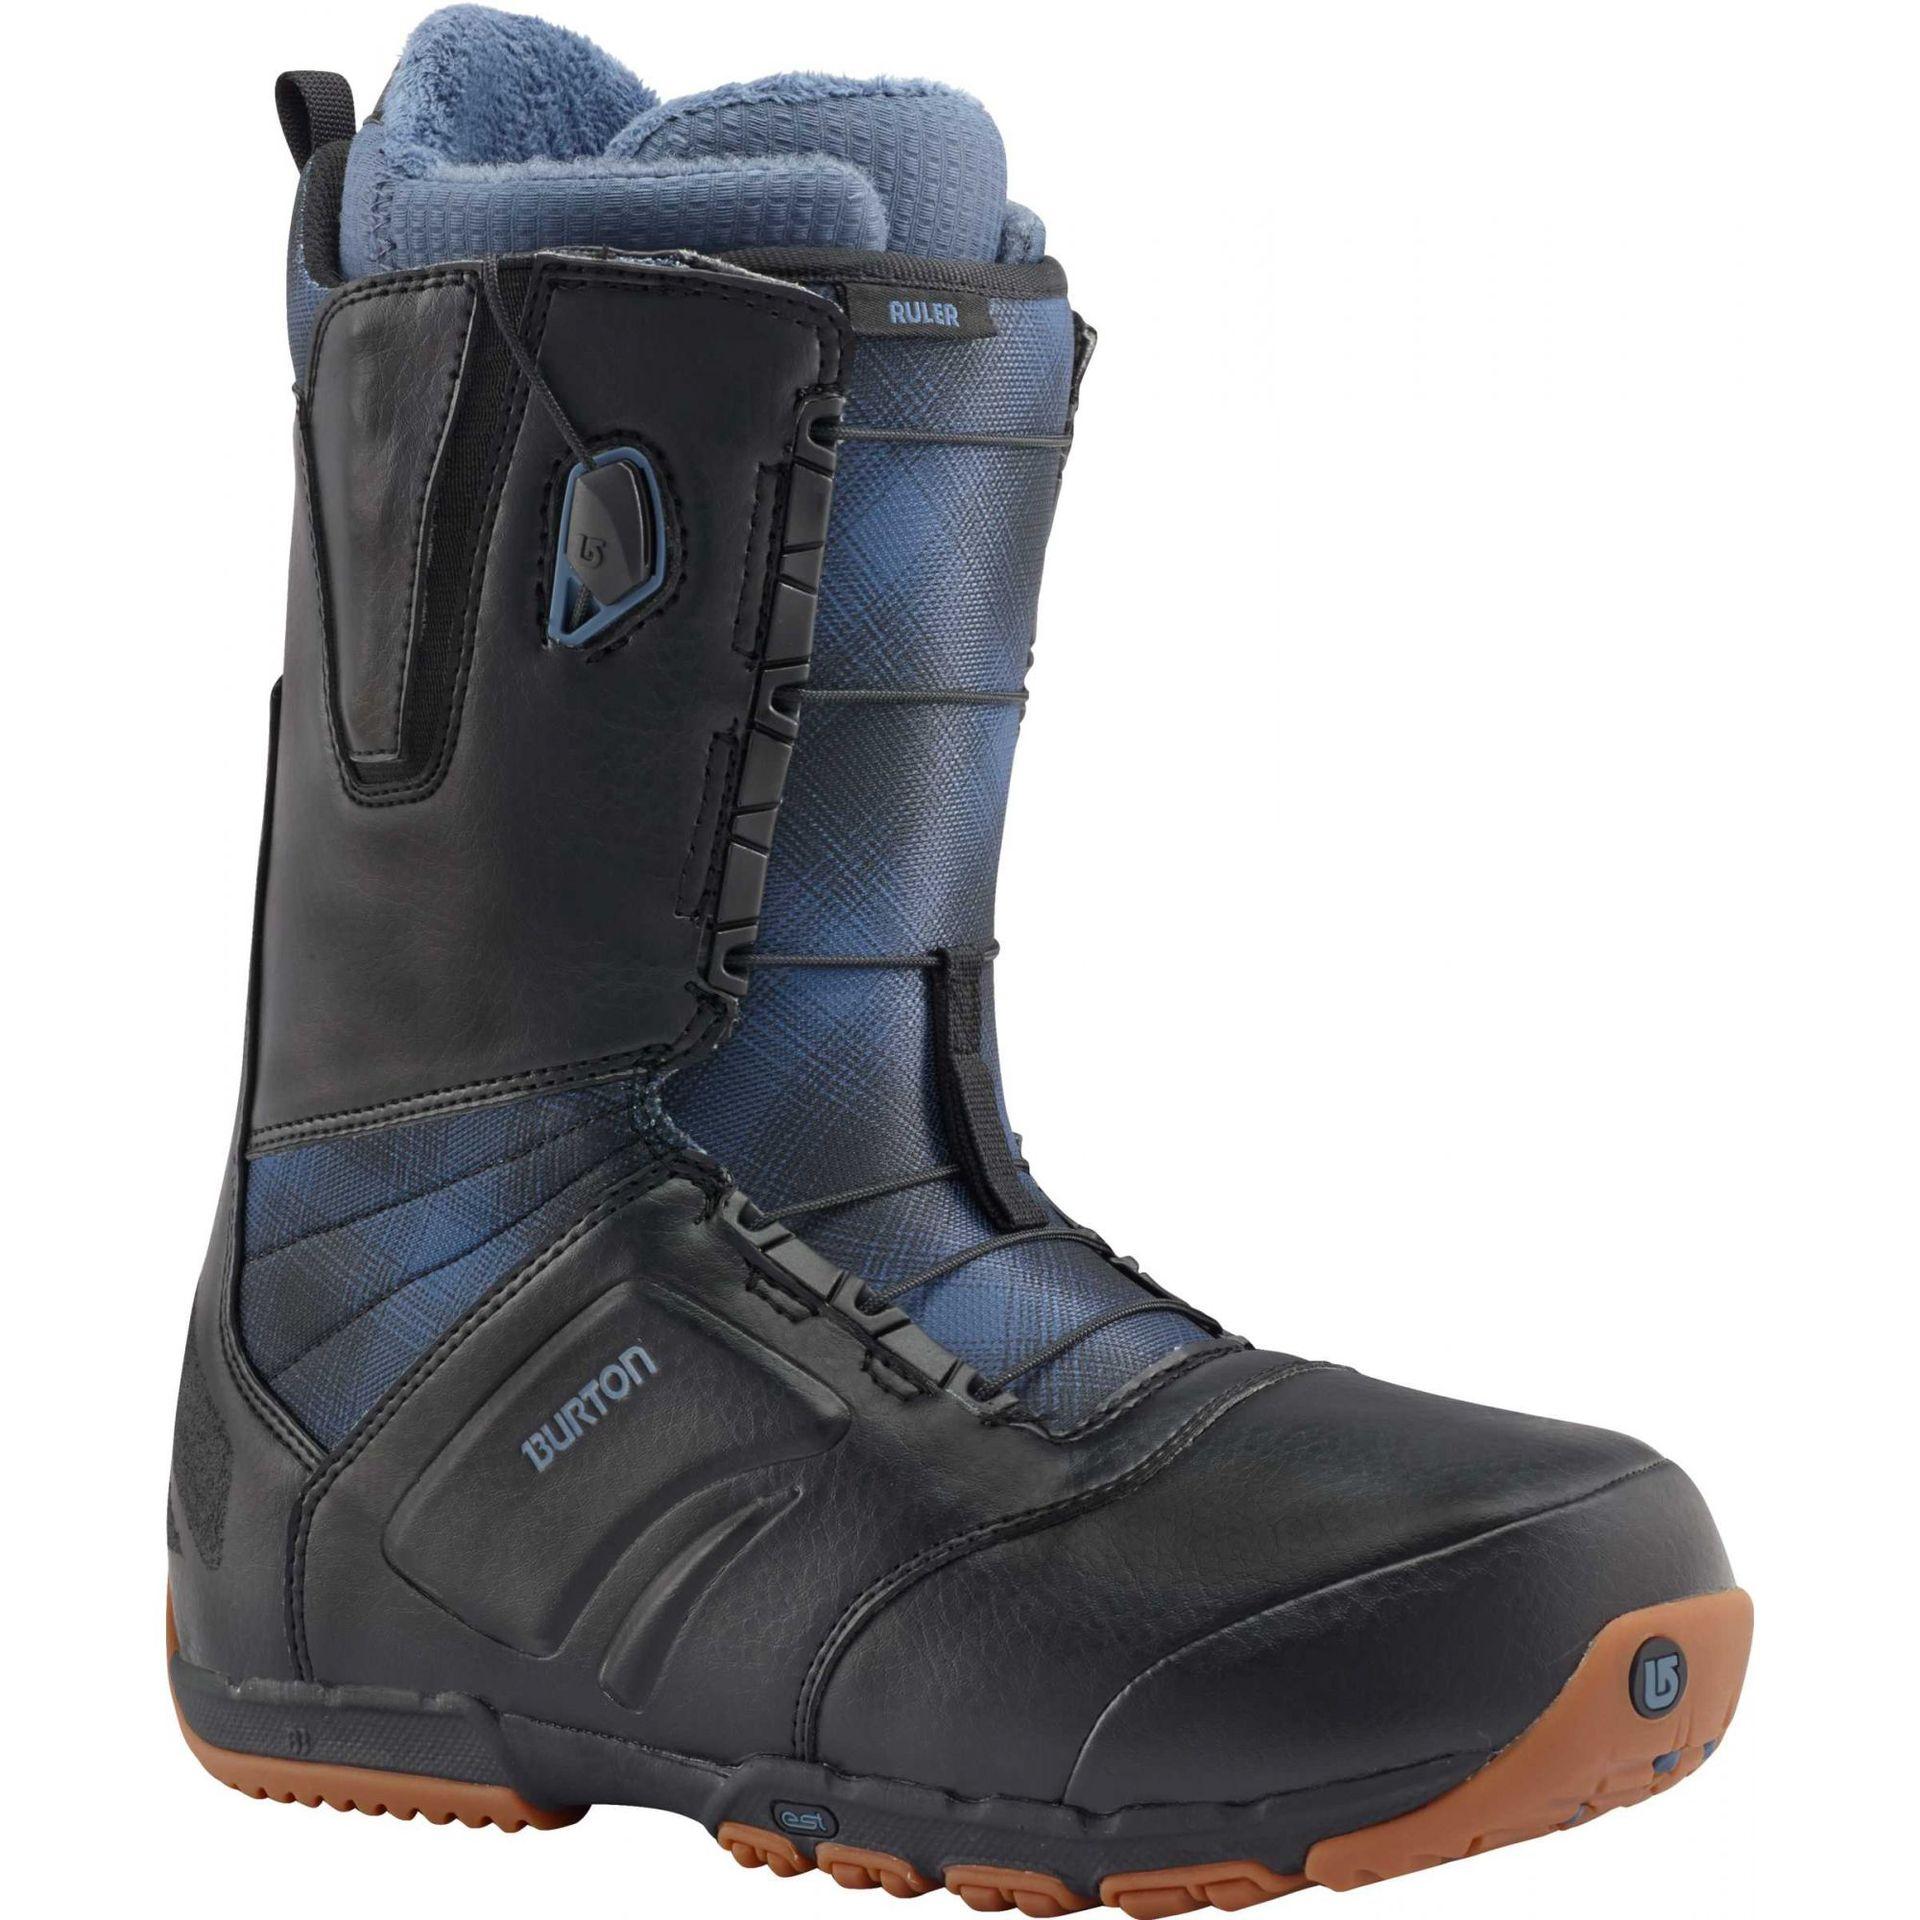 BUTY SNOWBOARDOWE BURTON RULER 104391 022 1